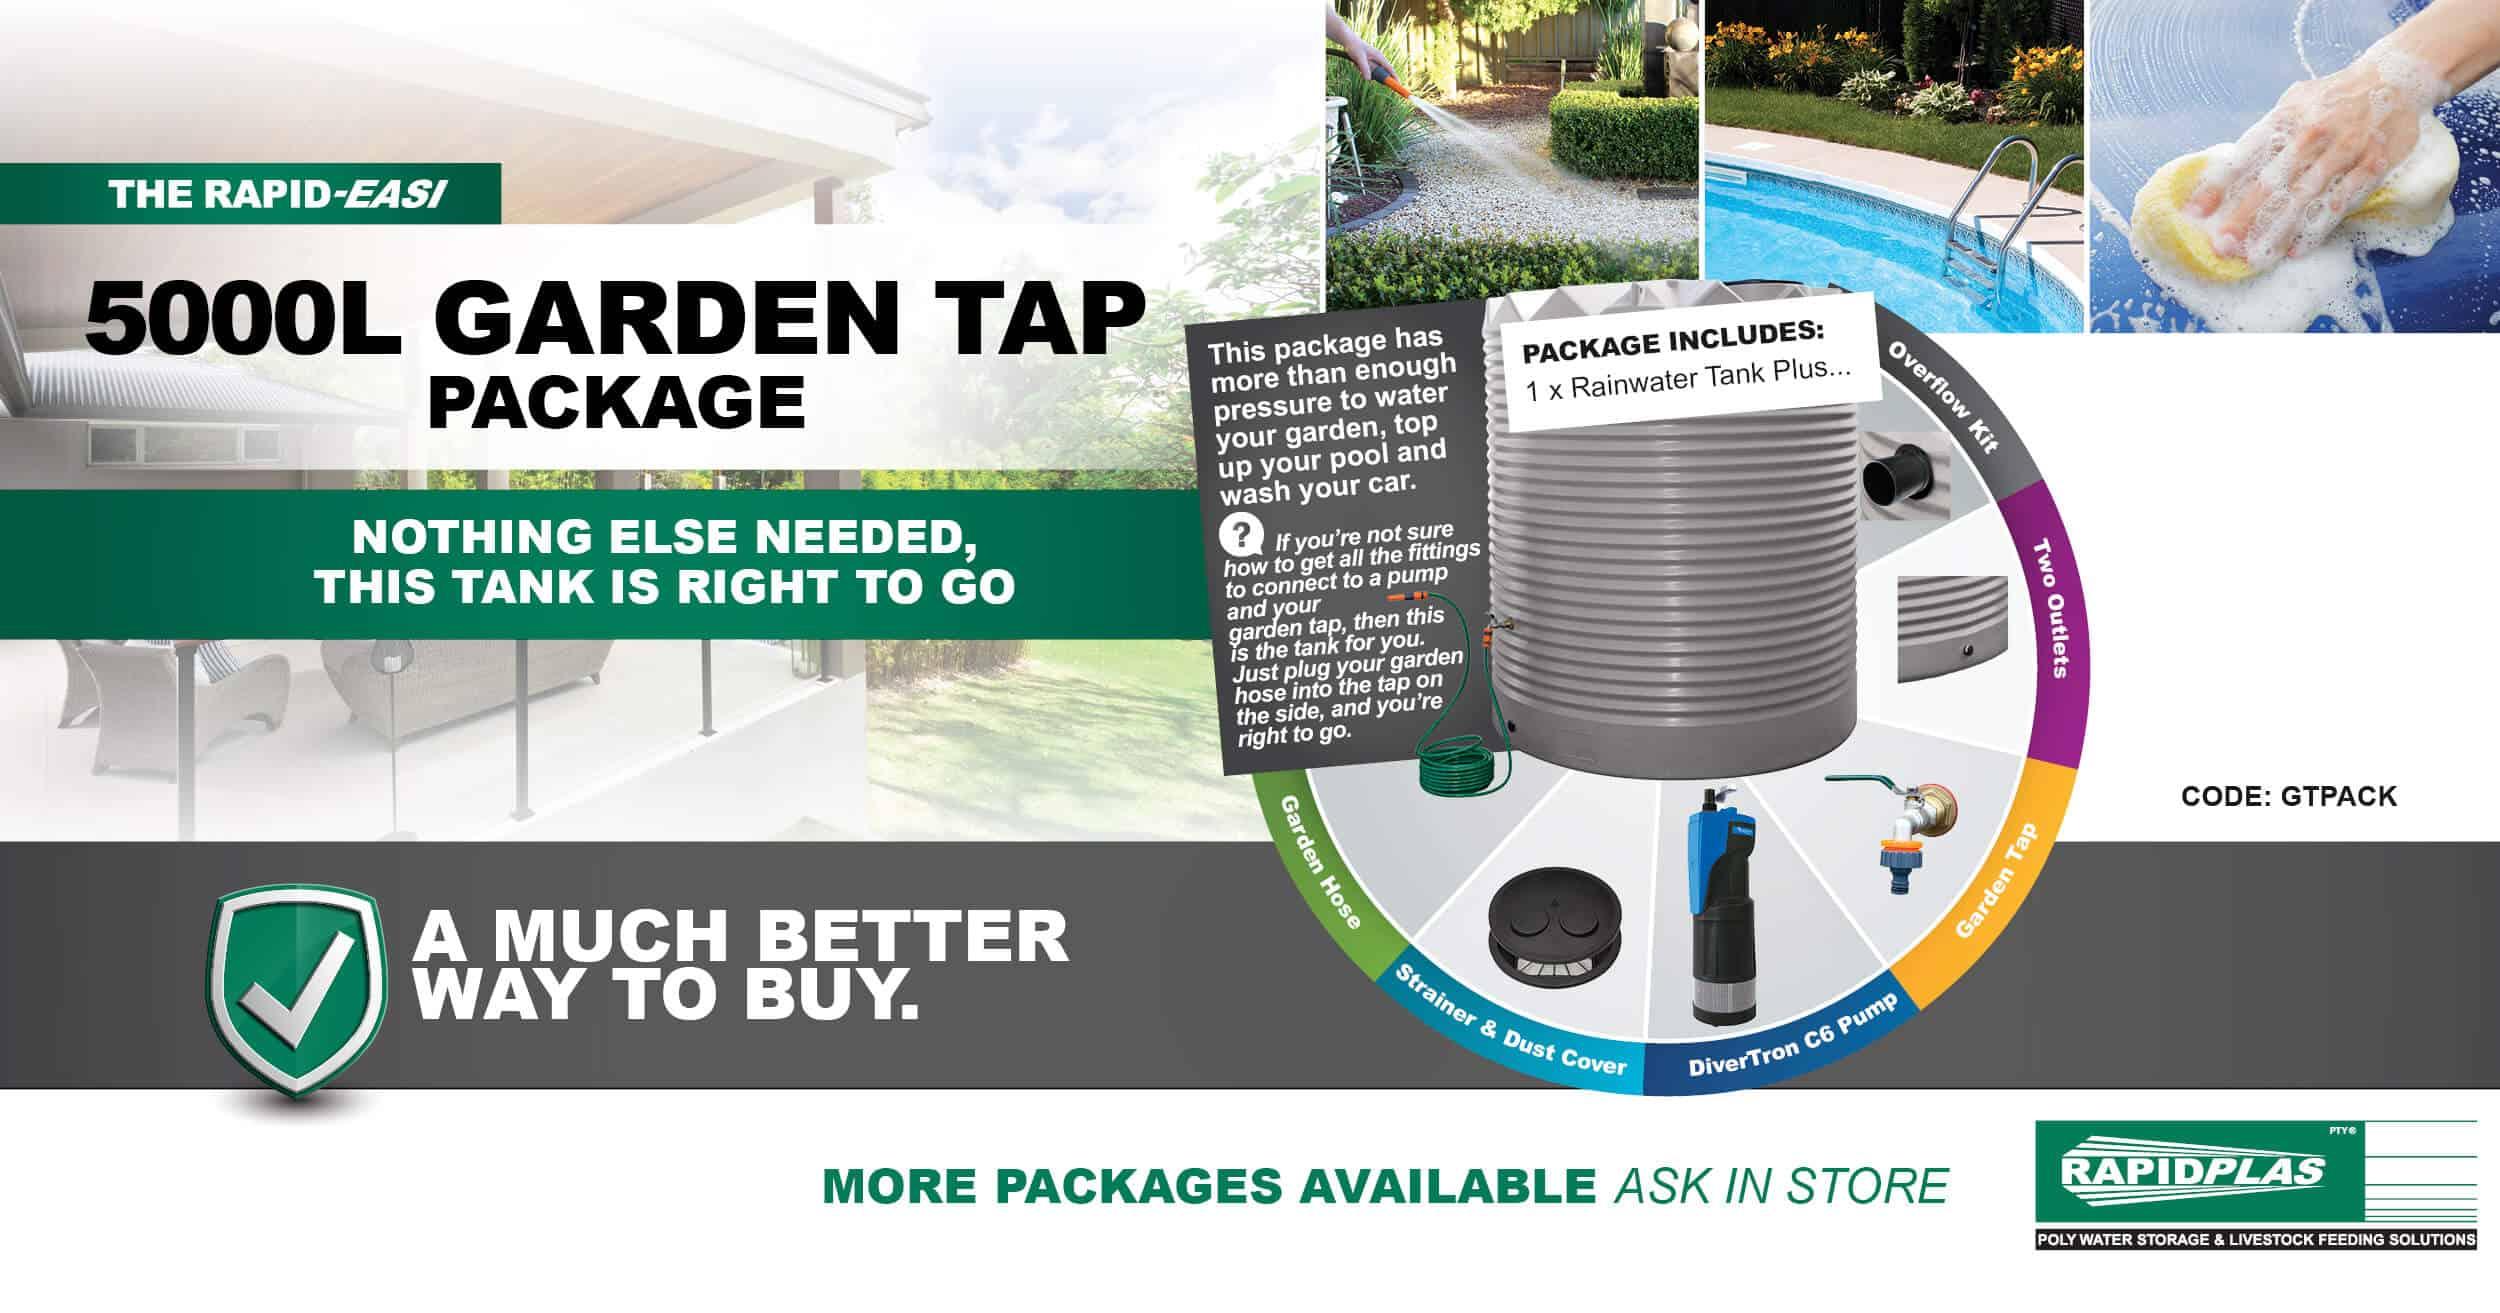 5000L Garden Tap Package